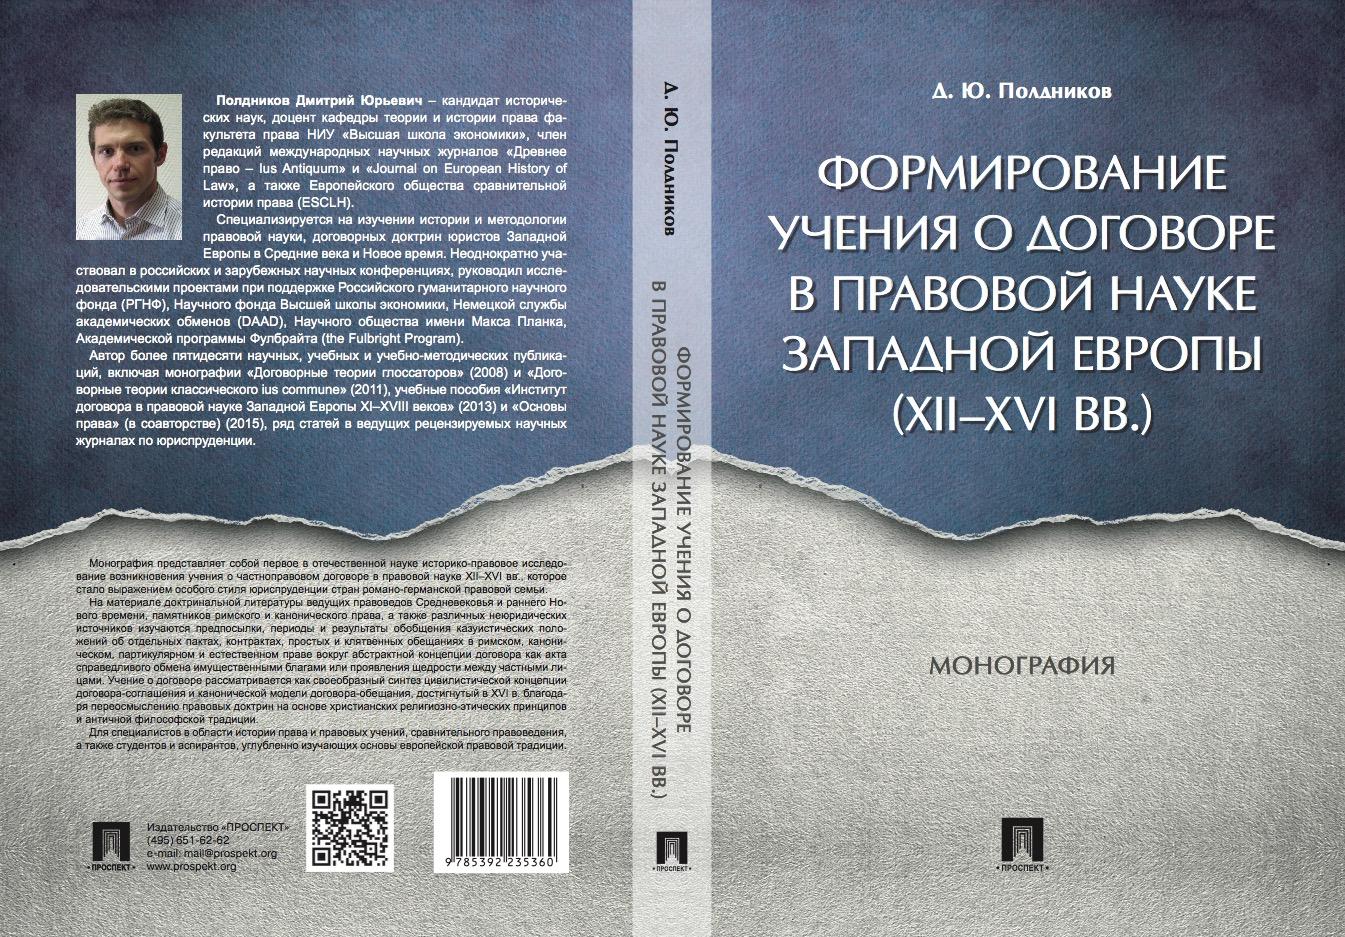 Формирование учения о договоре в правовой науке Западной Европы (XII– XVI вв.)